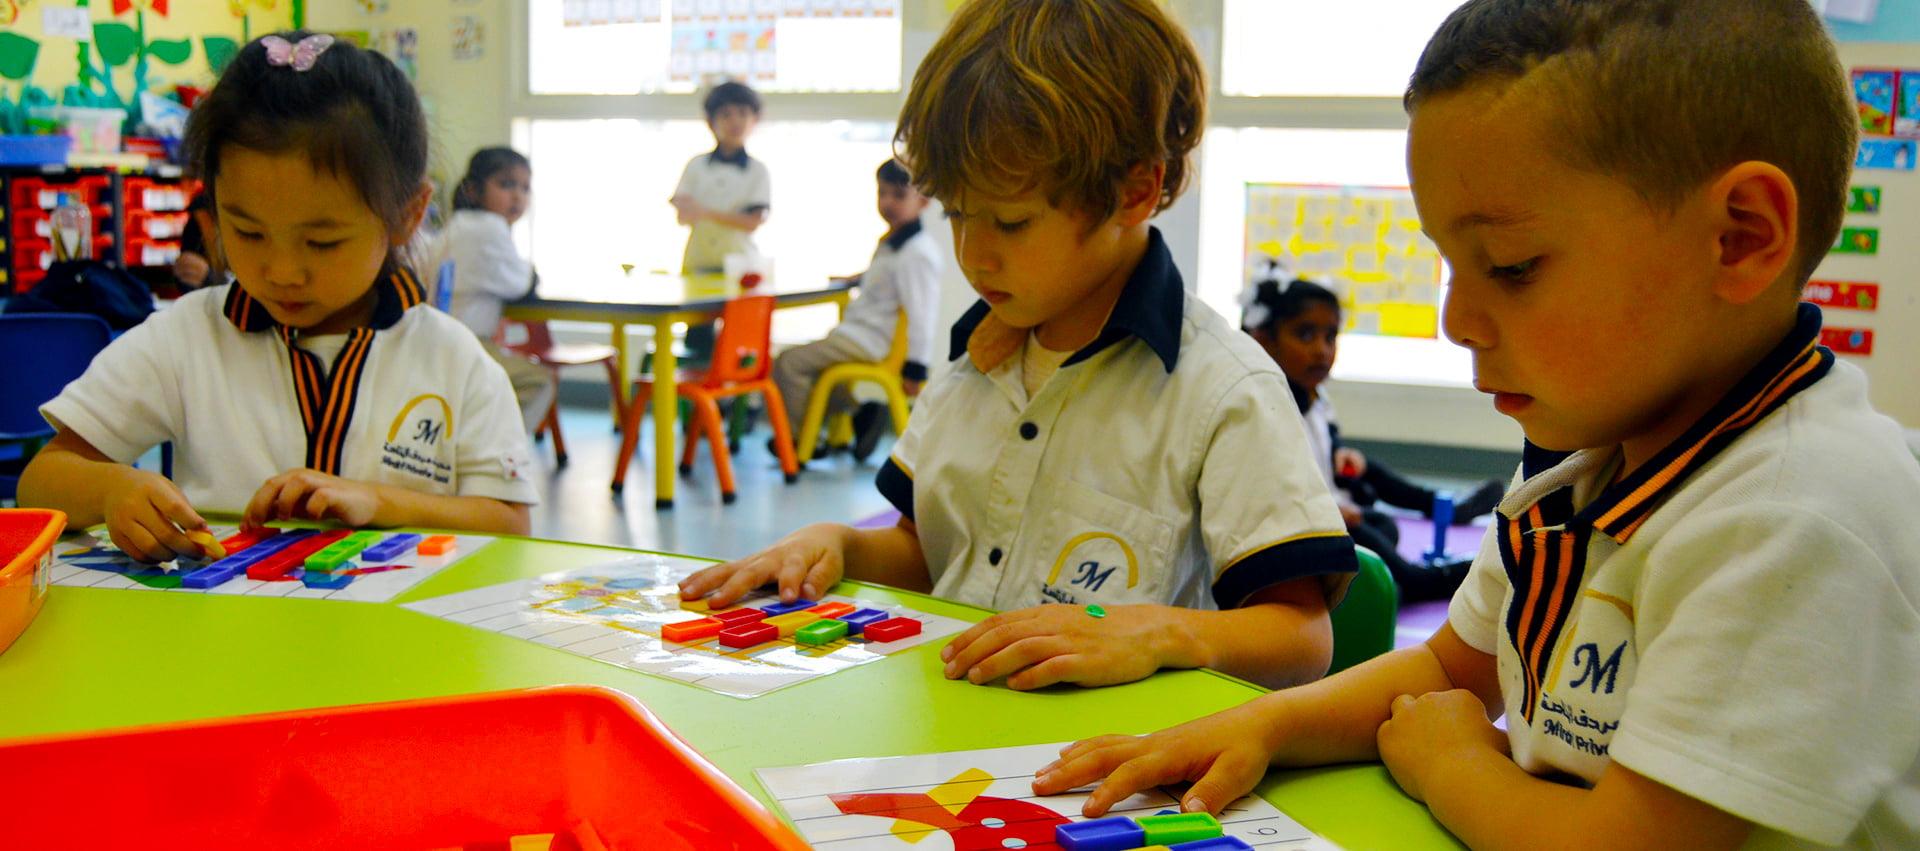 Bild von Kindern, die an der Mirdif Privatschule in Dubai lernen